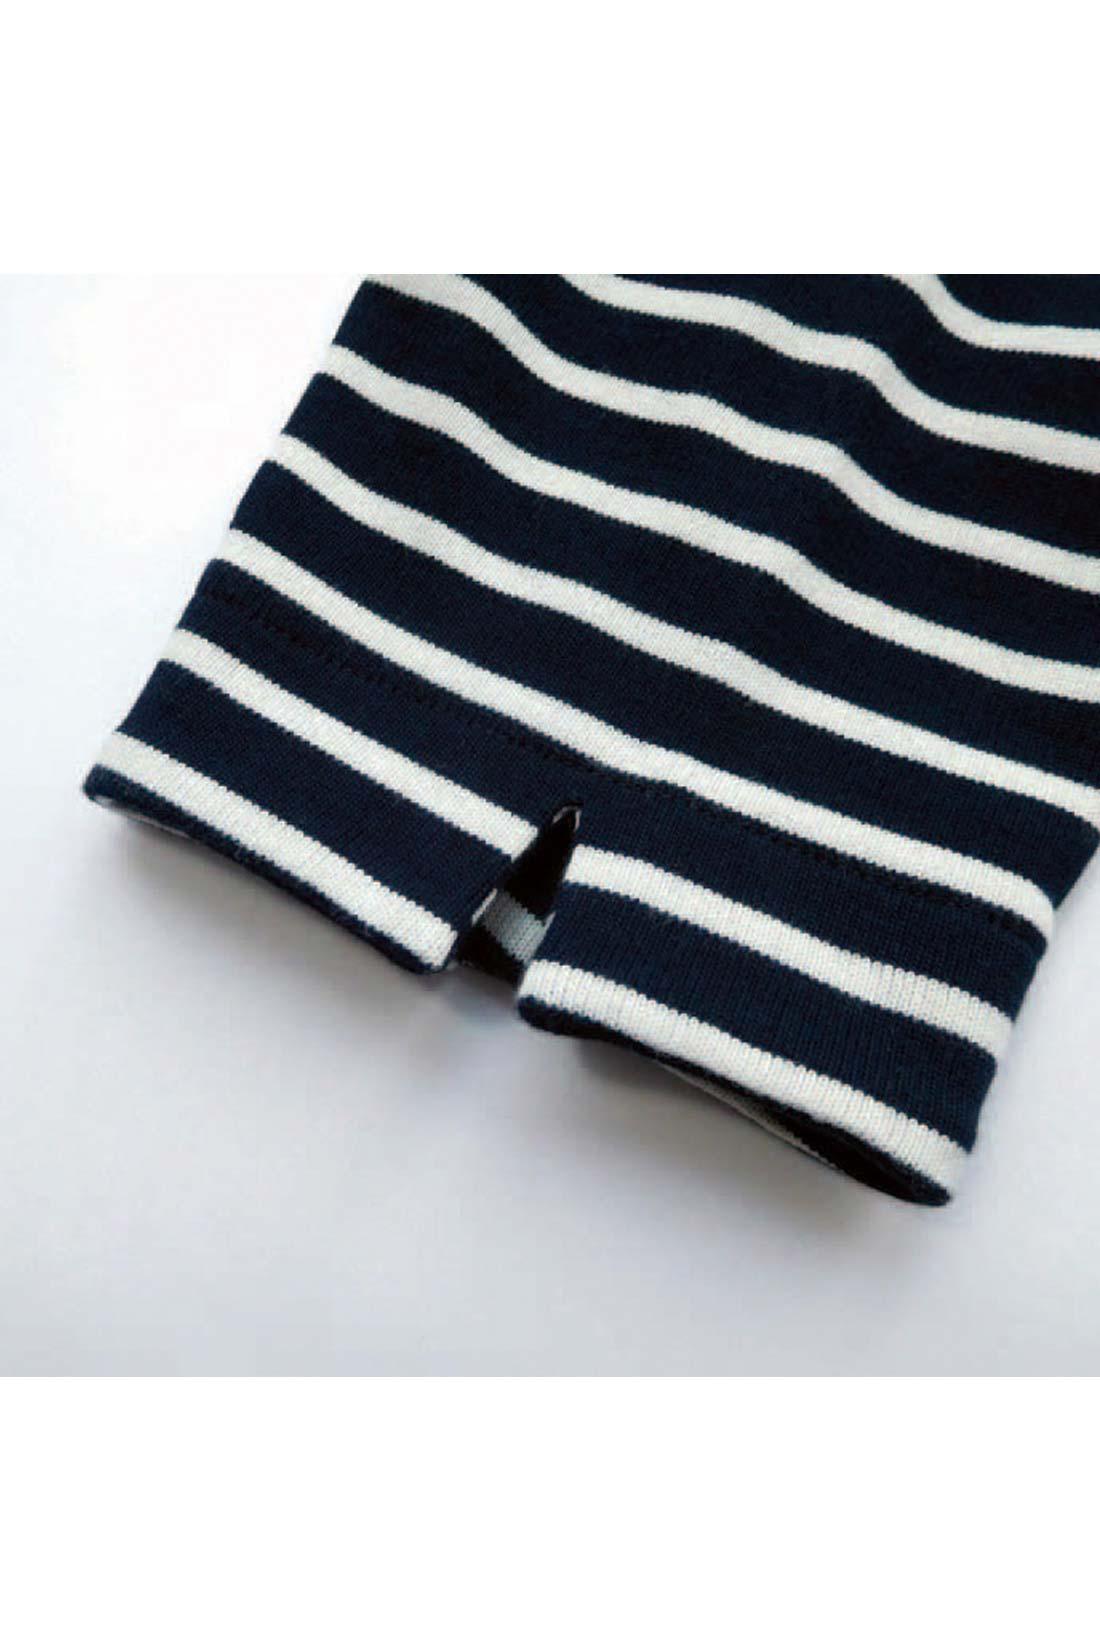 [袖の先には。]小さなスリットが。何気にかわいいね。